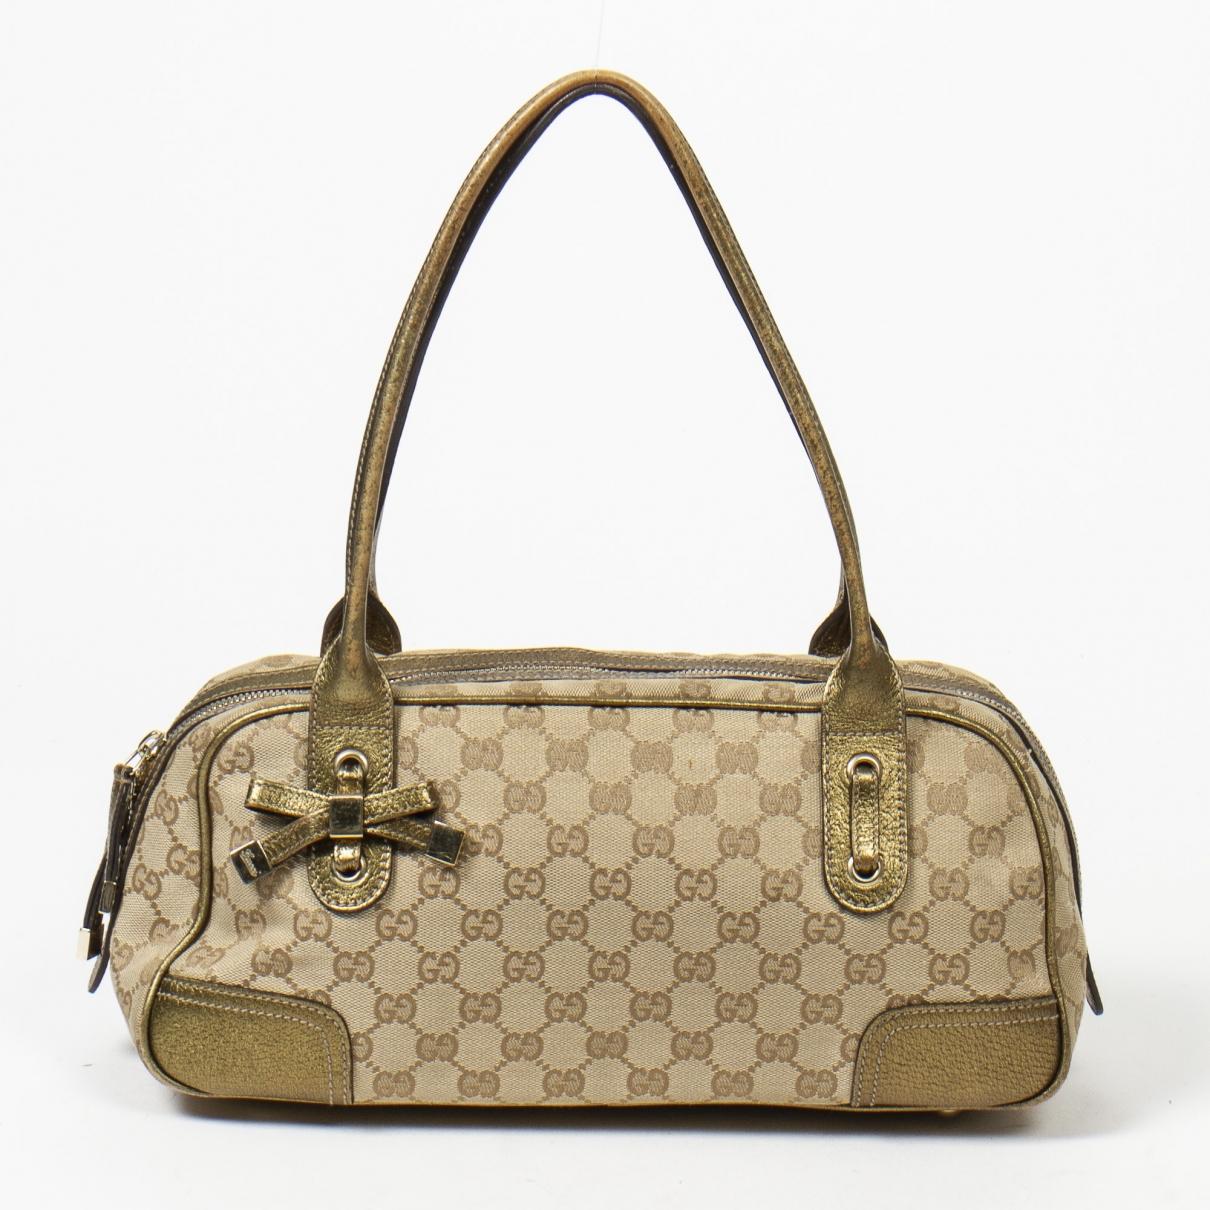 Gucci - Sac a main   pour femme en coton